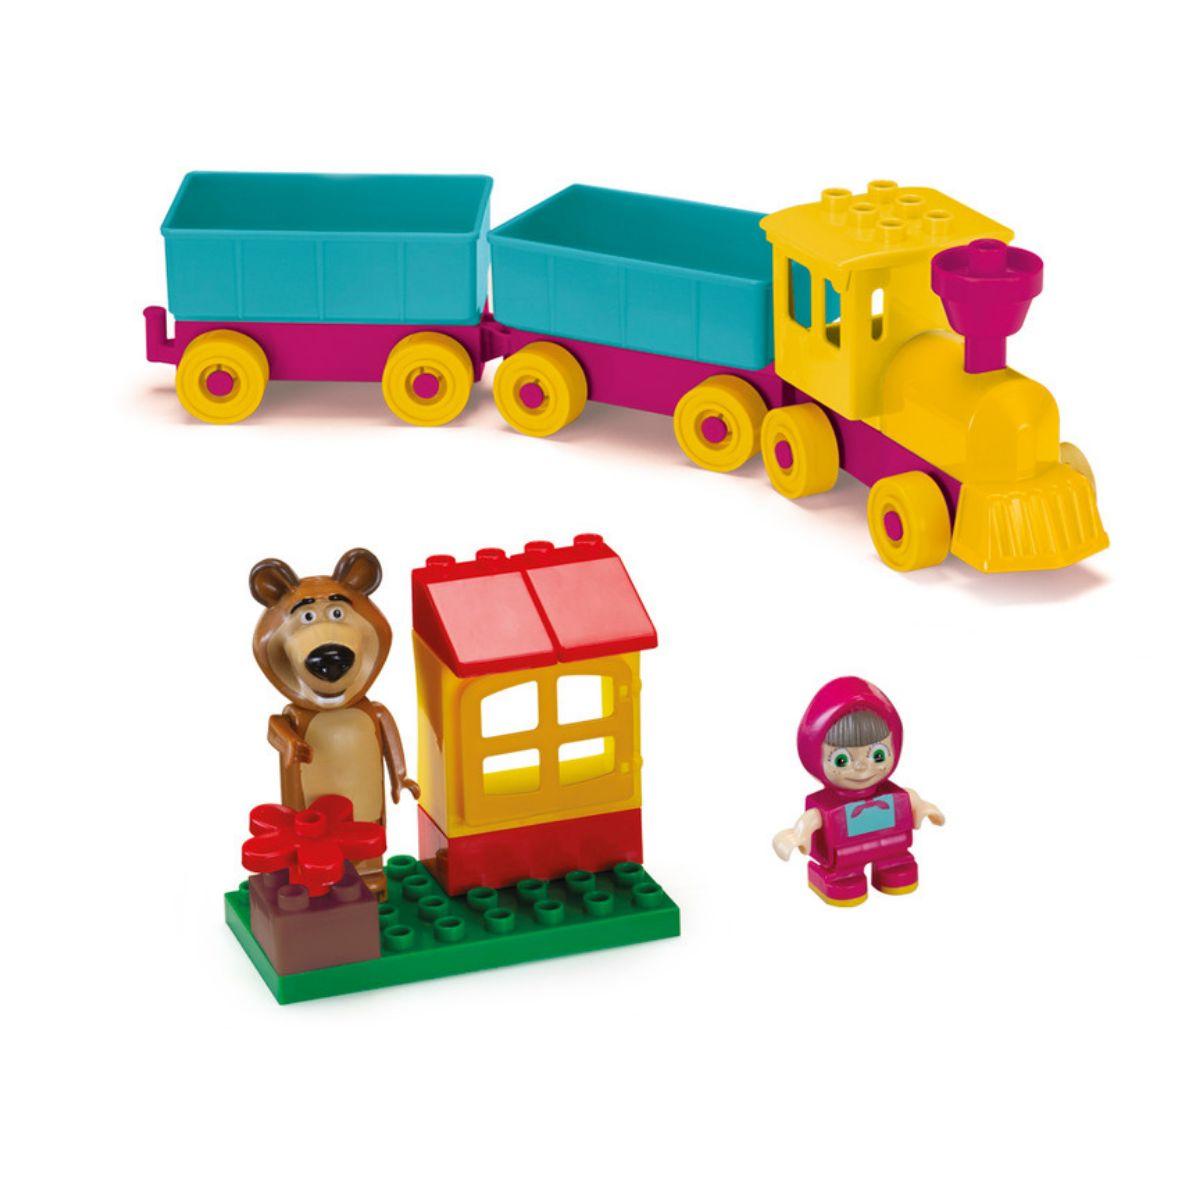 Masha e o Urso trenzinho com 16 blocos e 2 bonecos